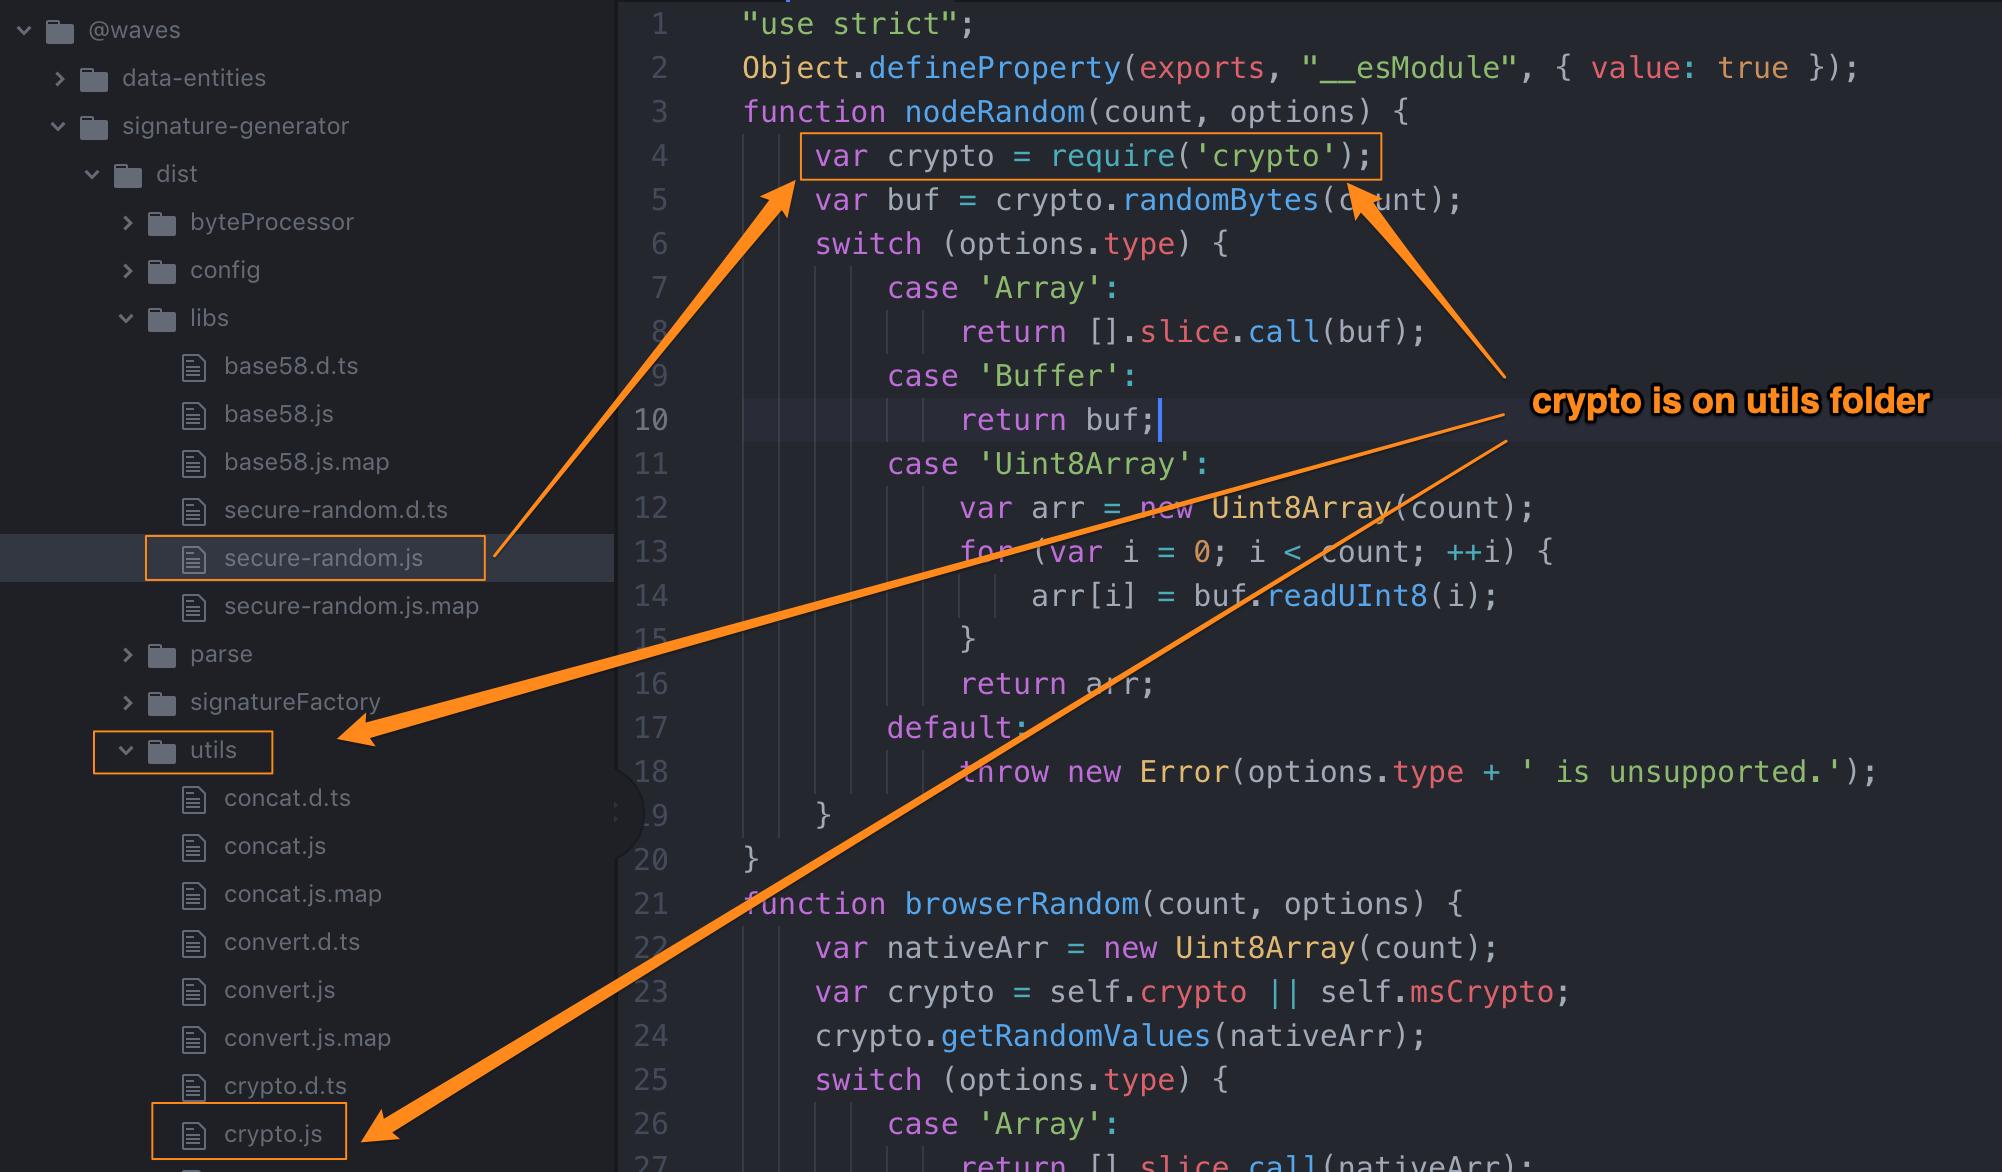 install typescript 3.2.4